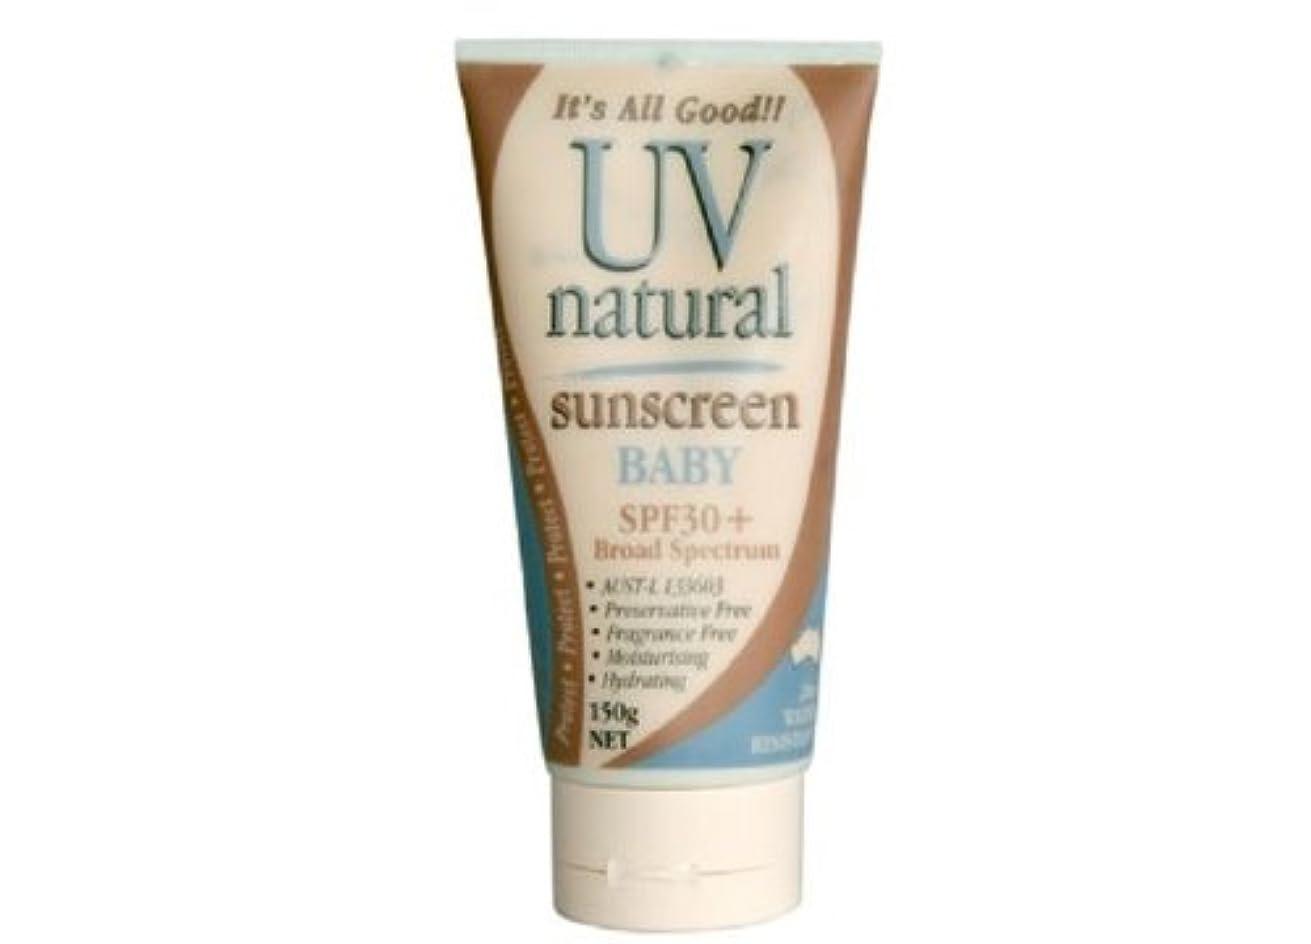 急行する合体在庫【UV NATURAL】Baby 日焼け止め Natural SPF30+ 150g 3本セット